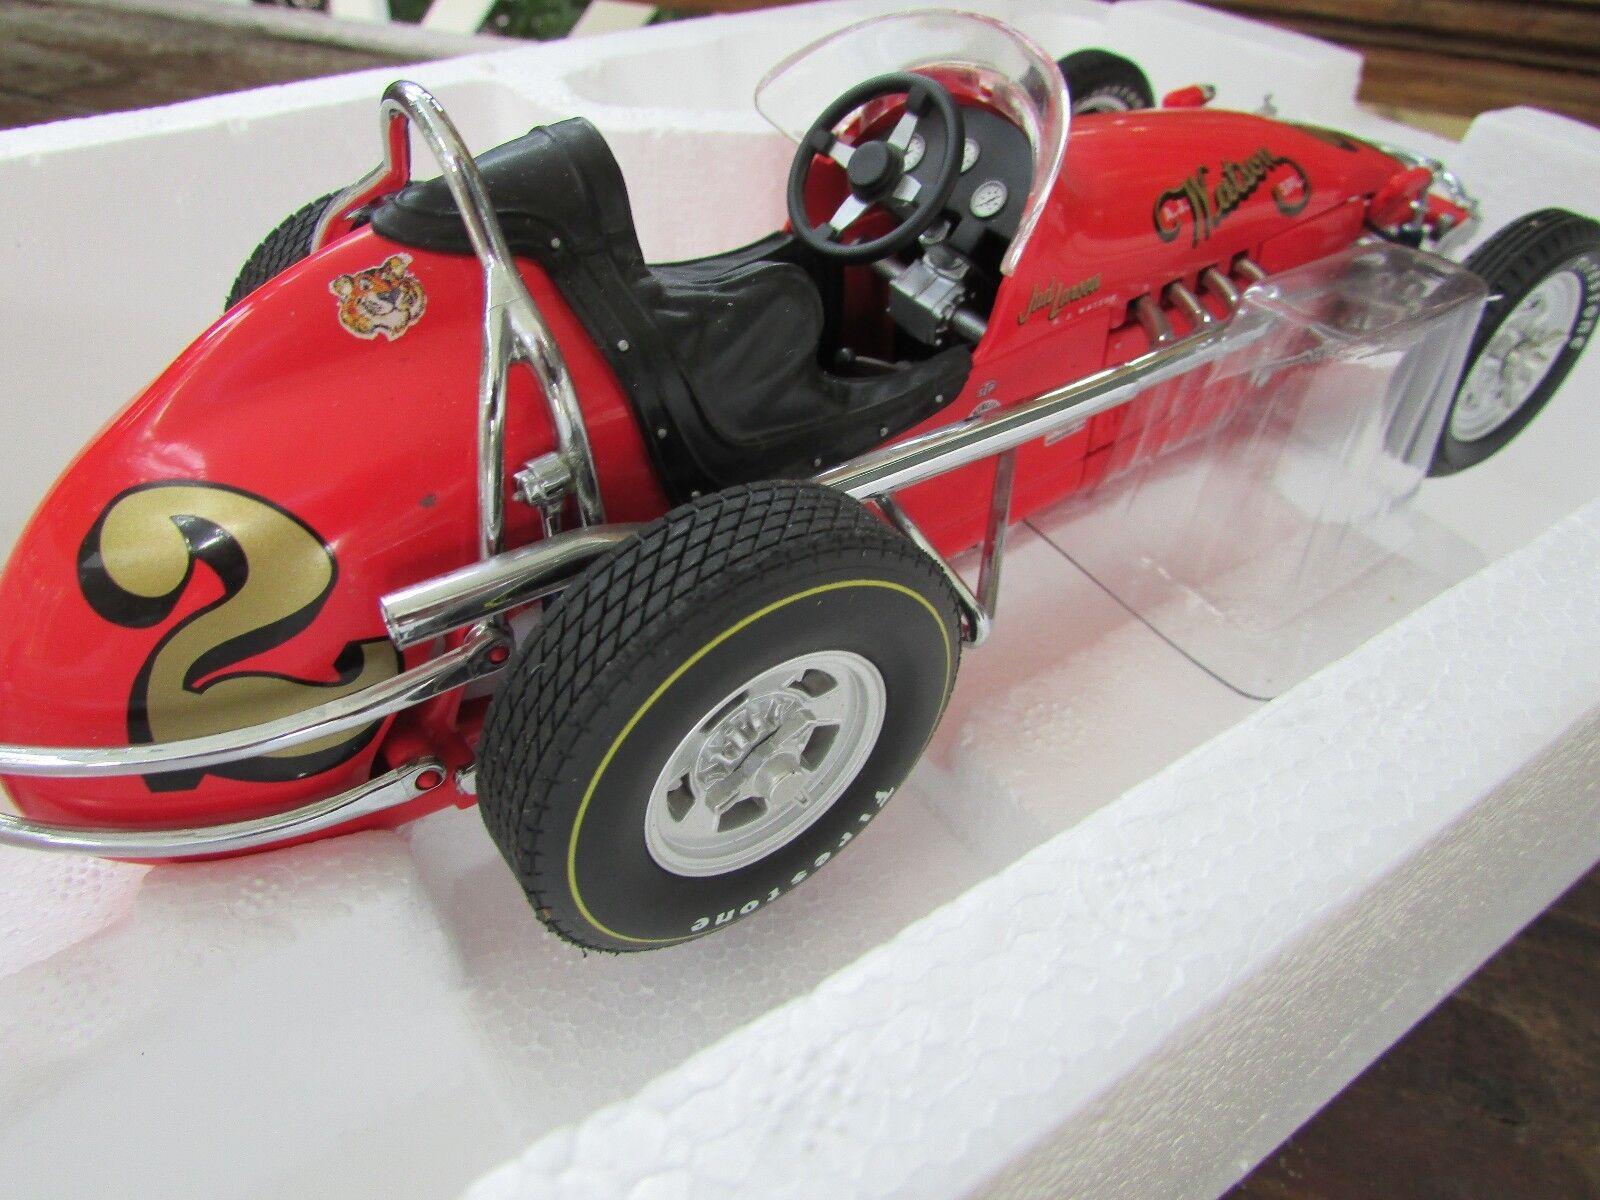 Venta en línea de descuento de fábrica Gmp Jud Larson a J Watson Spl 2 2 2 Sprint Coche de Carreras 2 Vintage Serie  suministro directo de los fabricantes